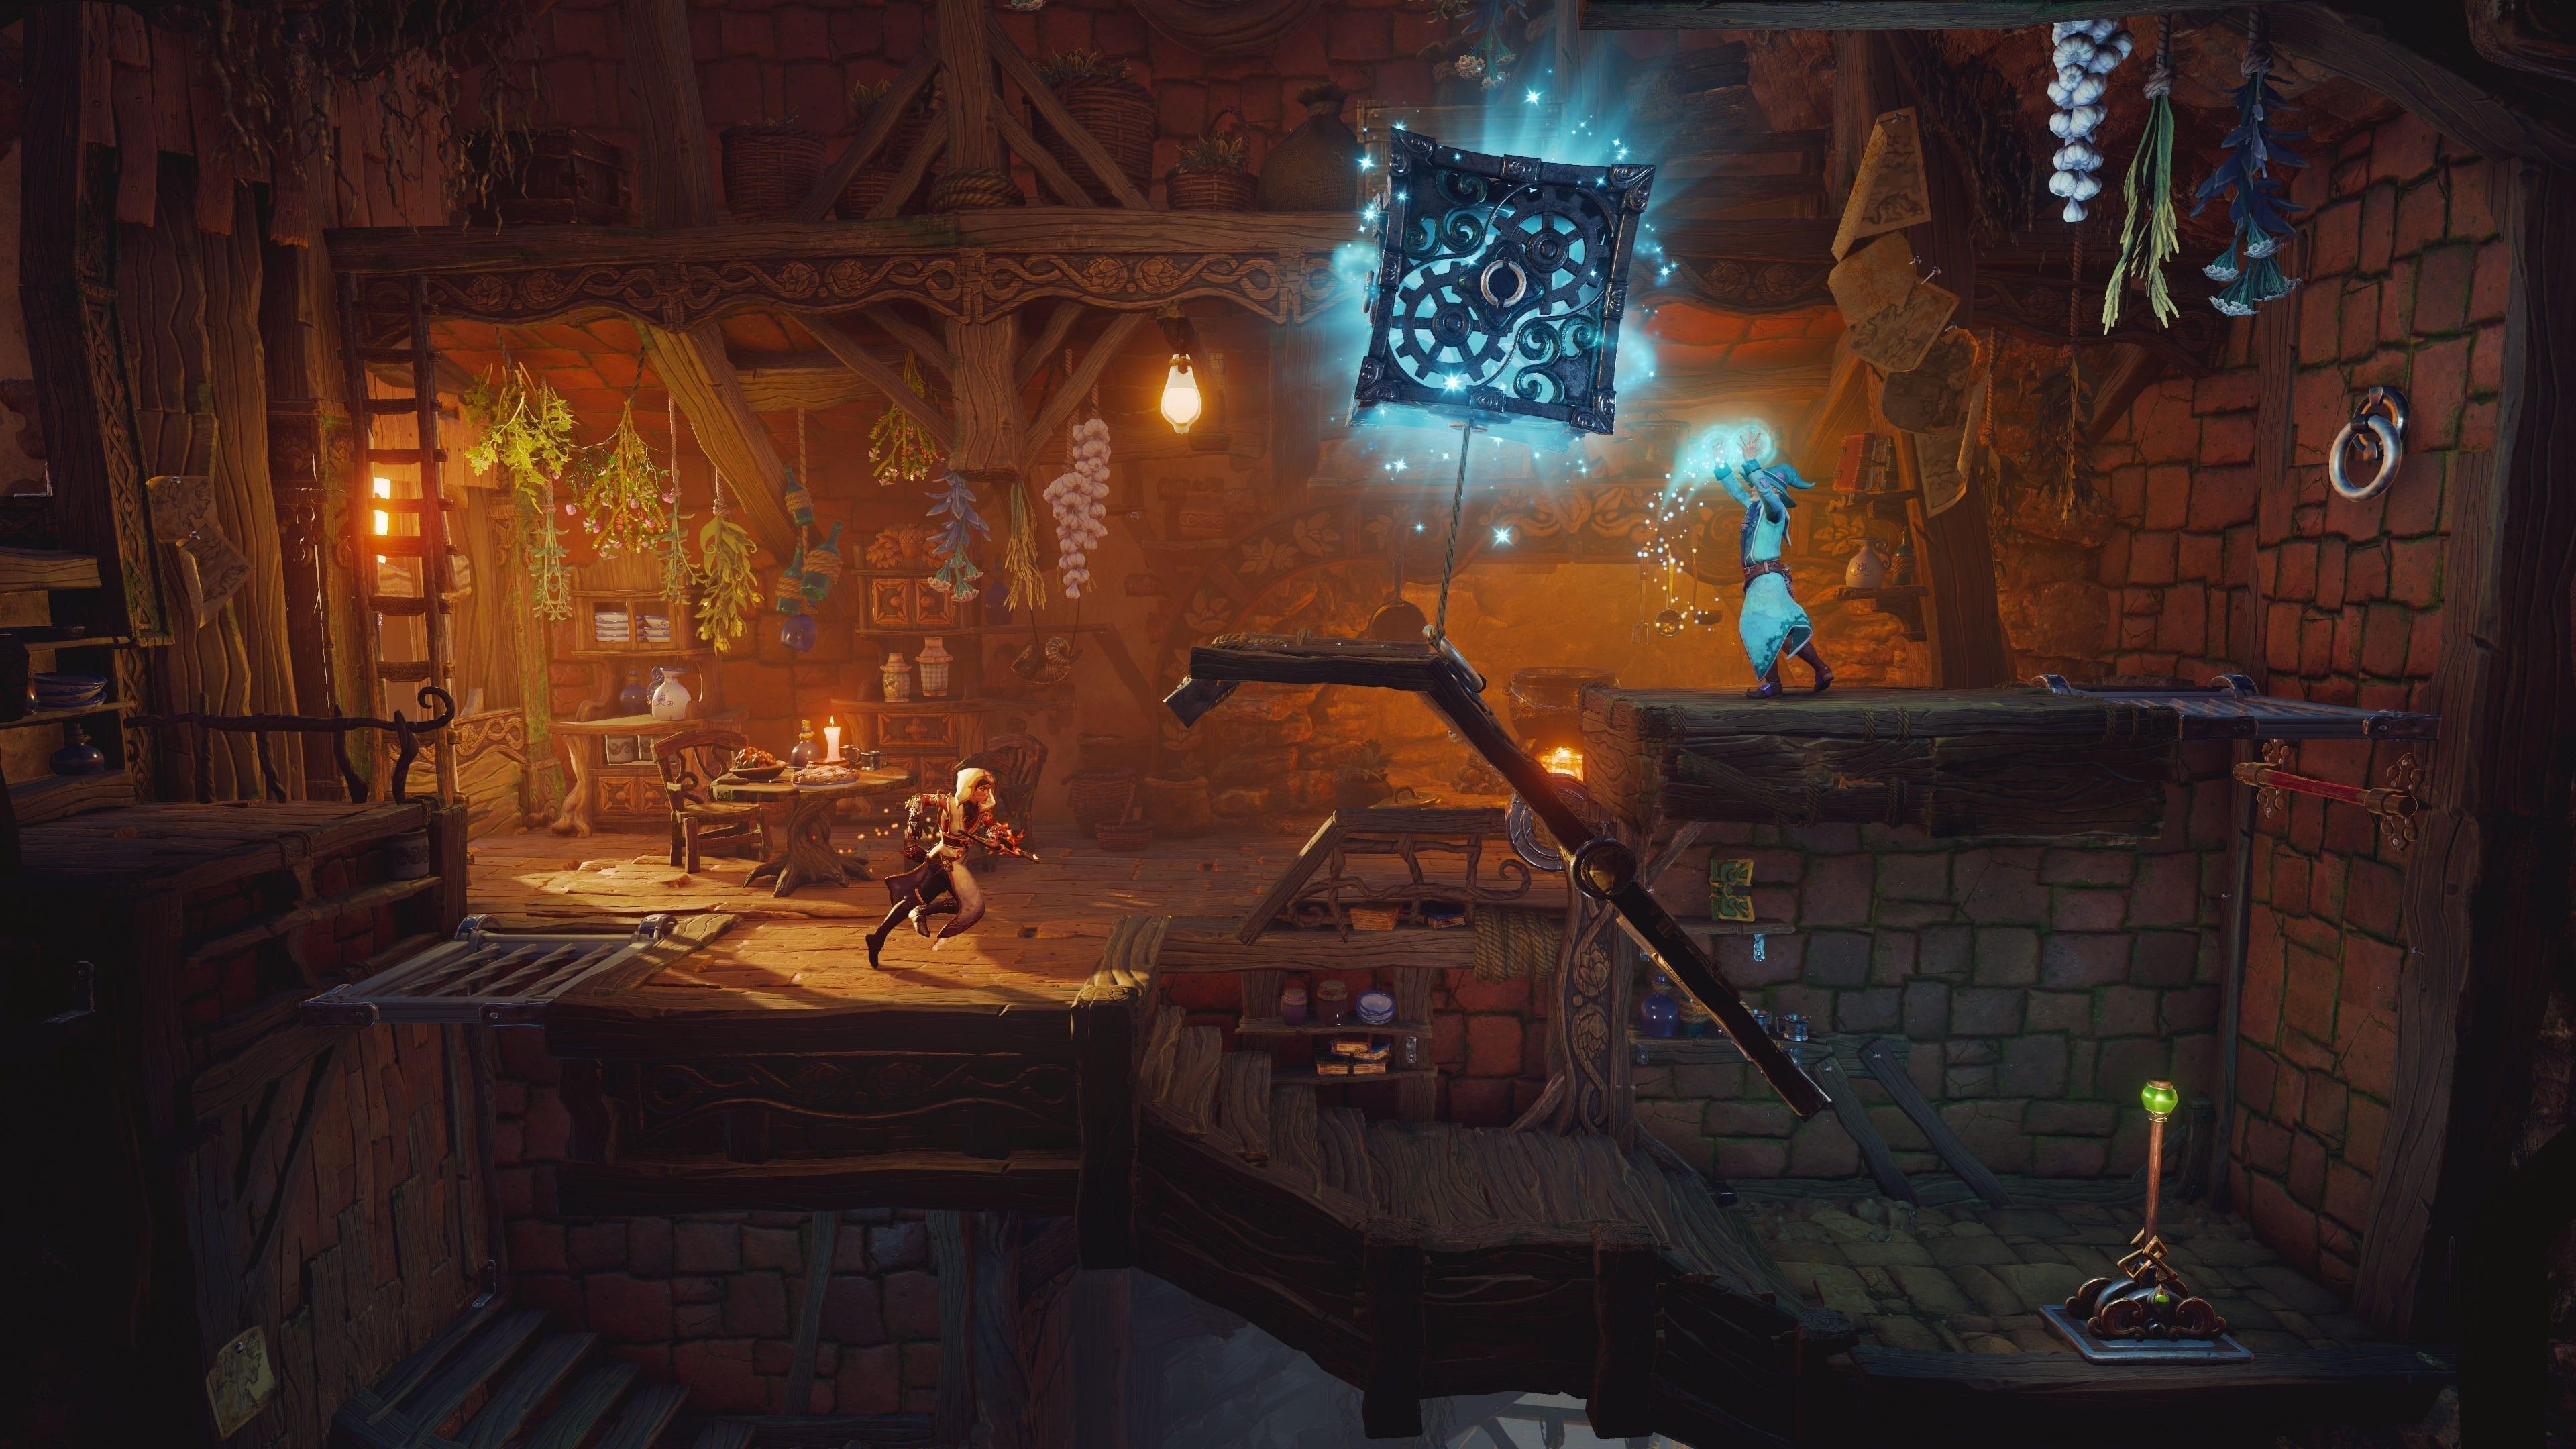 Bei der märchenhaften Umgebung hat Frozenbyte sich erneut selbst übertroffen. Rätsel erstrahlen in neuem Glanz...